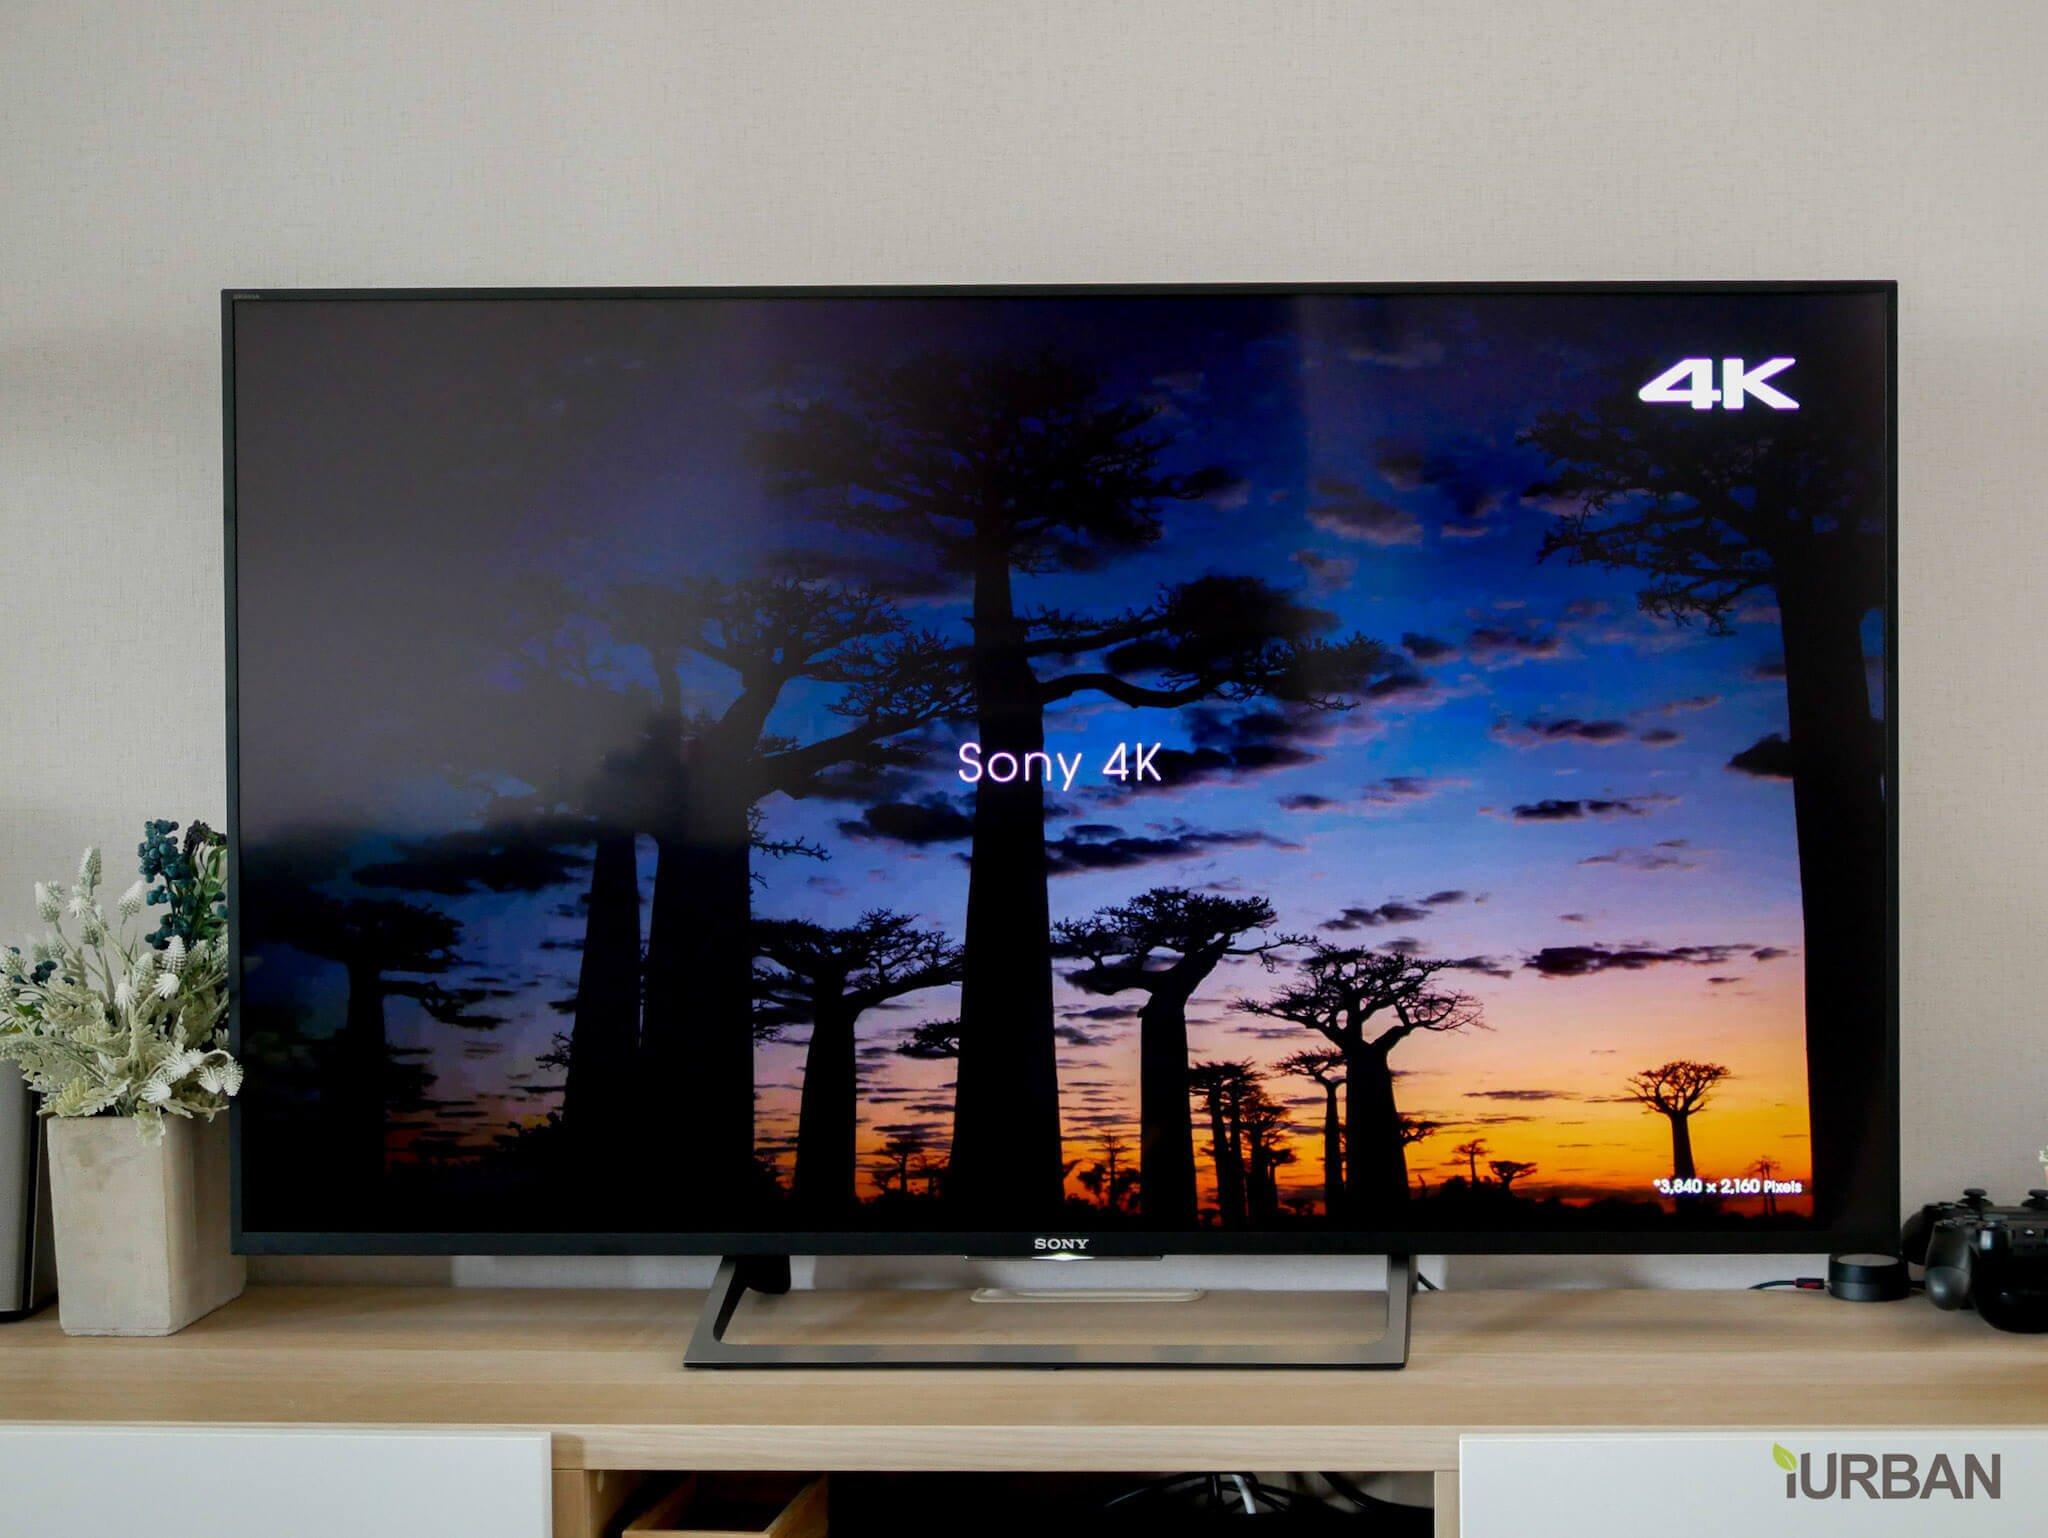 SONY X8500E 4K-HDR Android TV นวัตกรรมที่จะเปลี่ยนชีวิตกับทีวี ให้ไม่เหมือนเดิมอีกต่อไป 41 - Android